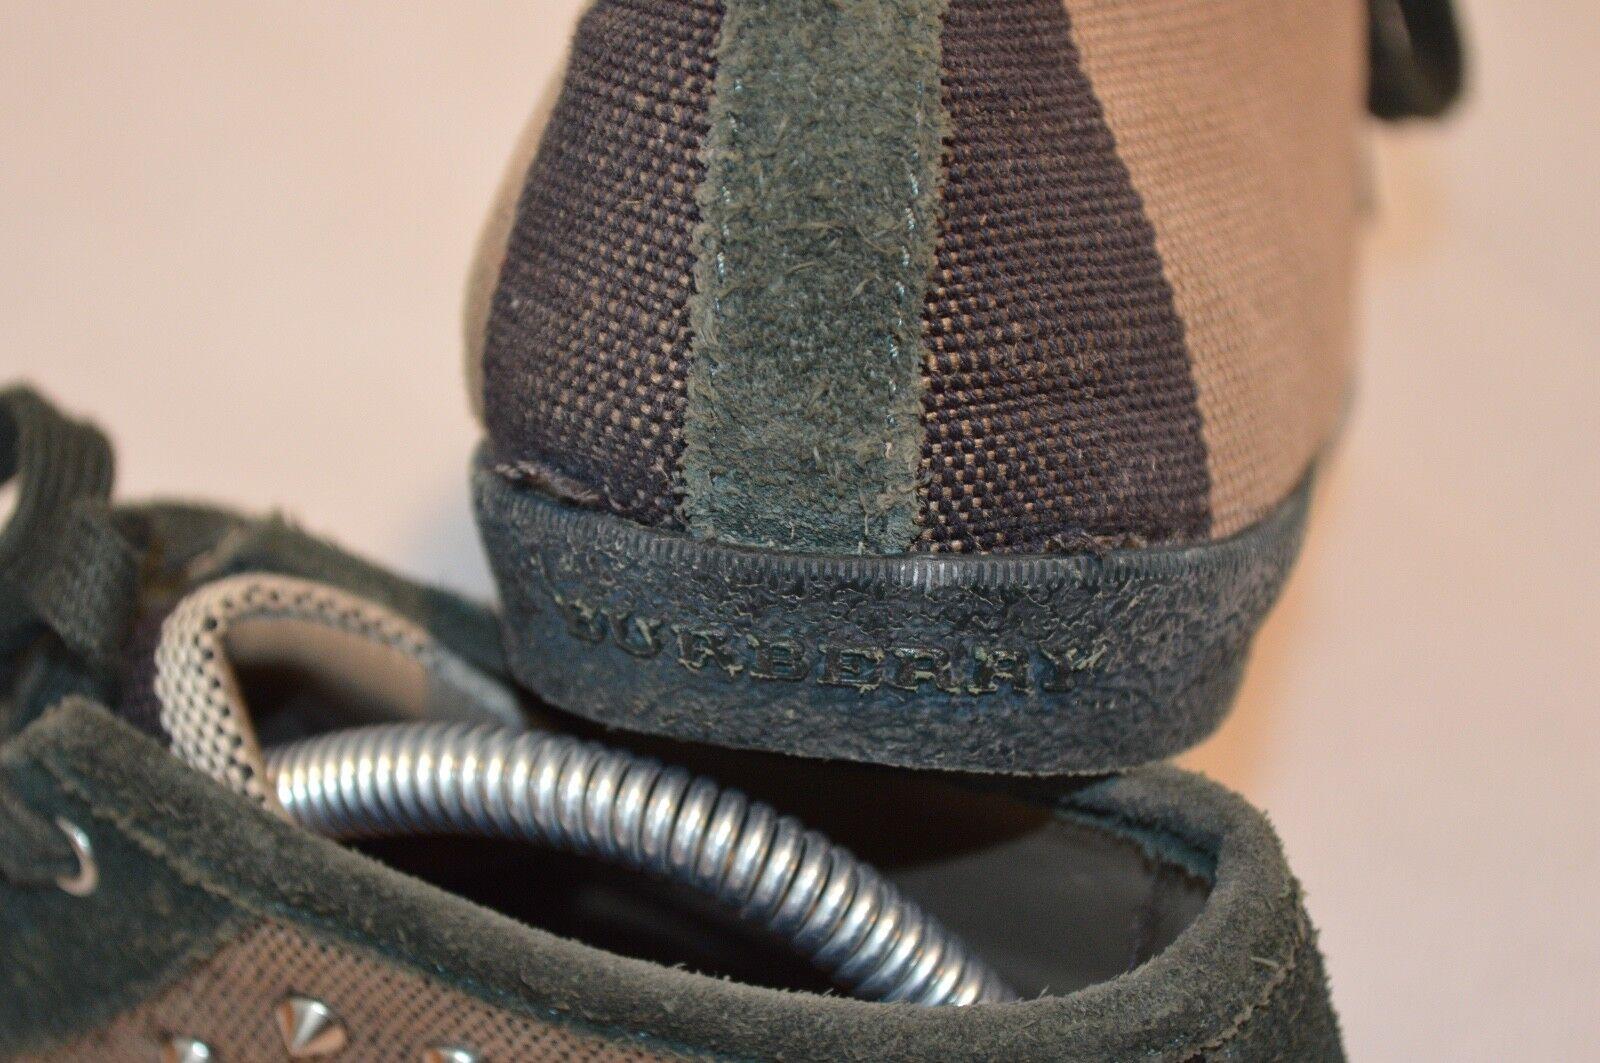 BURBERRY cnhuabadodon Marron Carreaux Toile Argent Clous Clous Clous Baskets Pour Femme EU 39 UK 6 53d00f